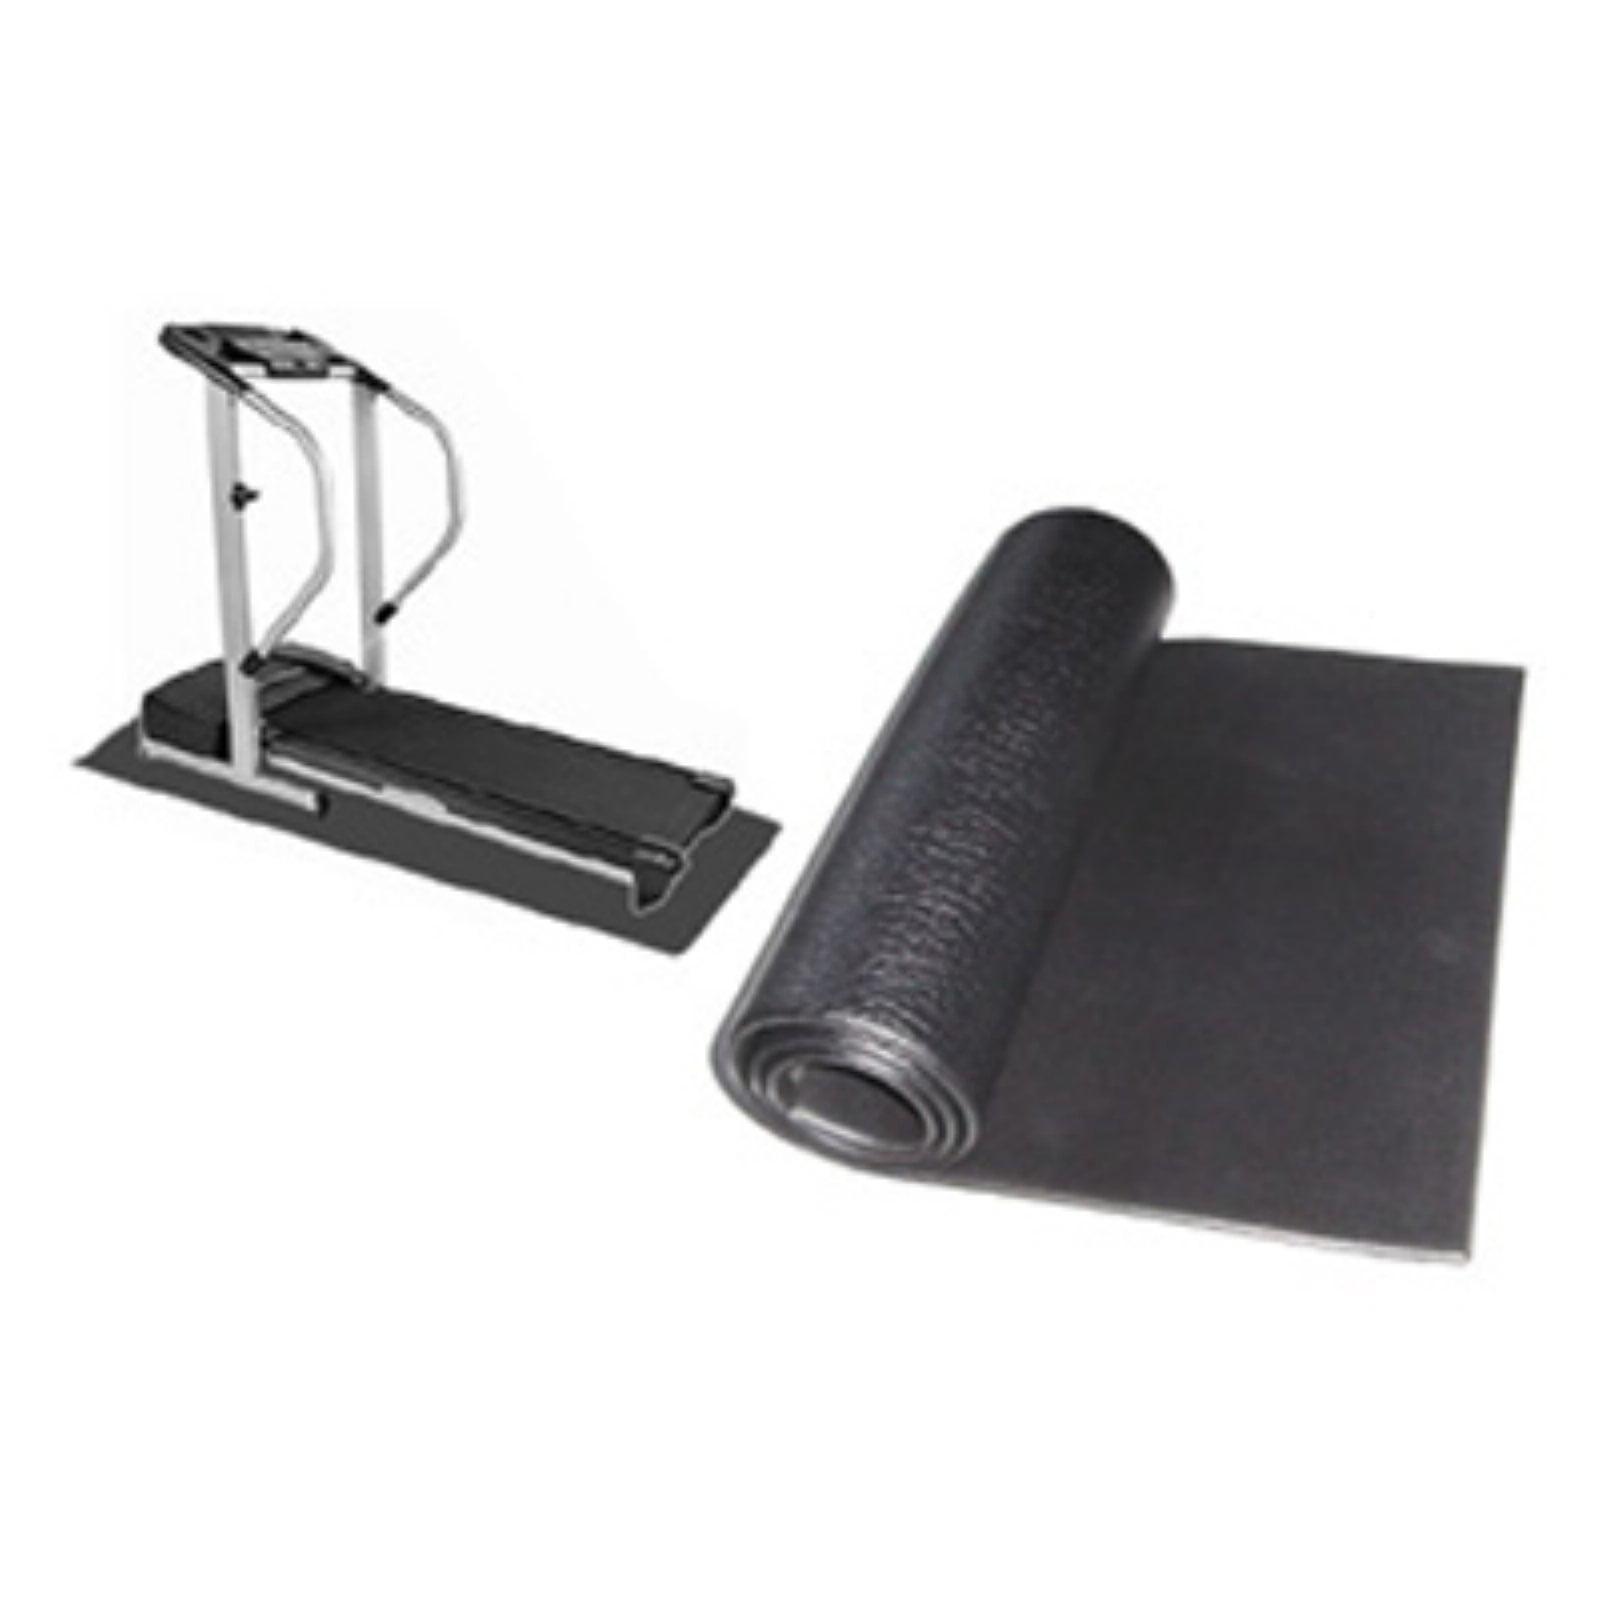 Apollo Athletics Treadmill/Elliptical Trainer Mat